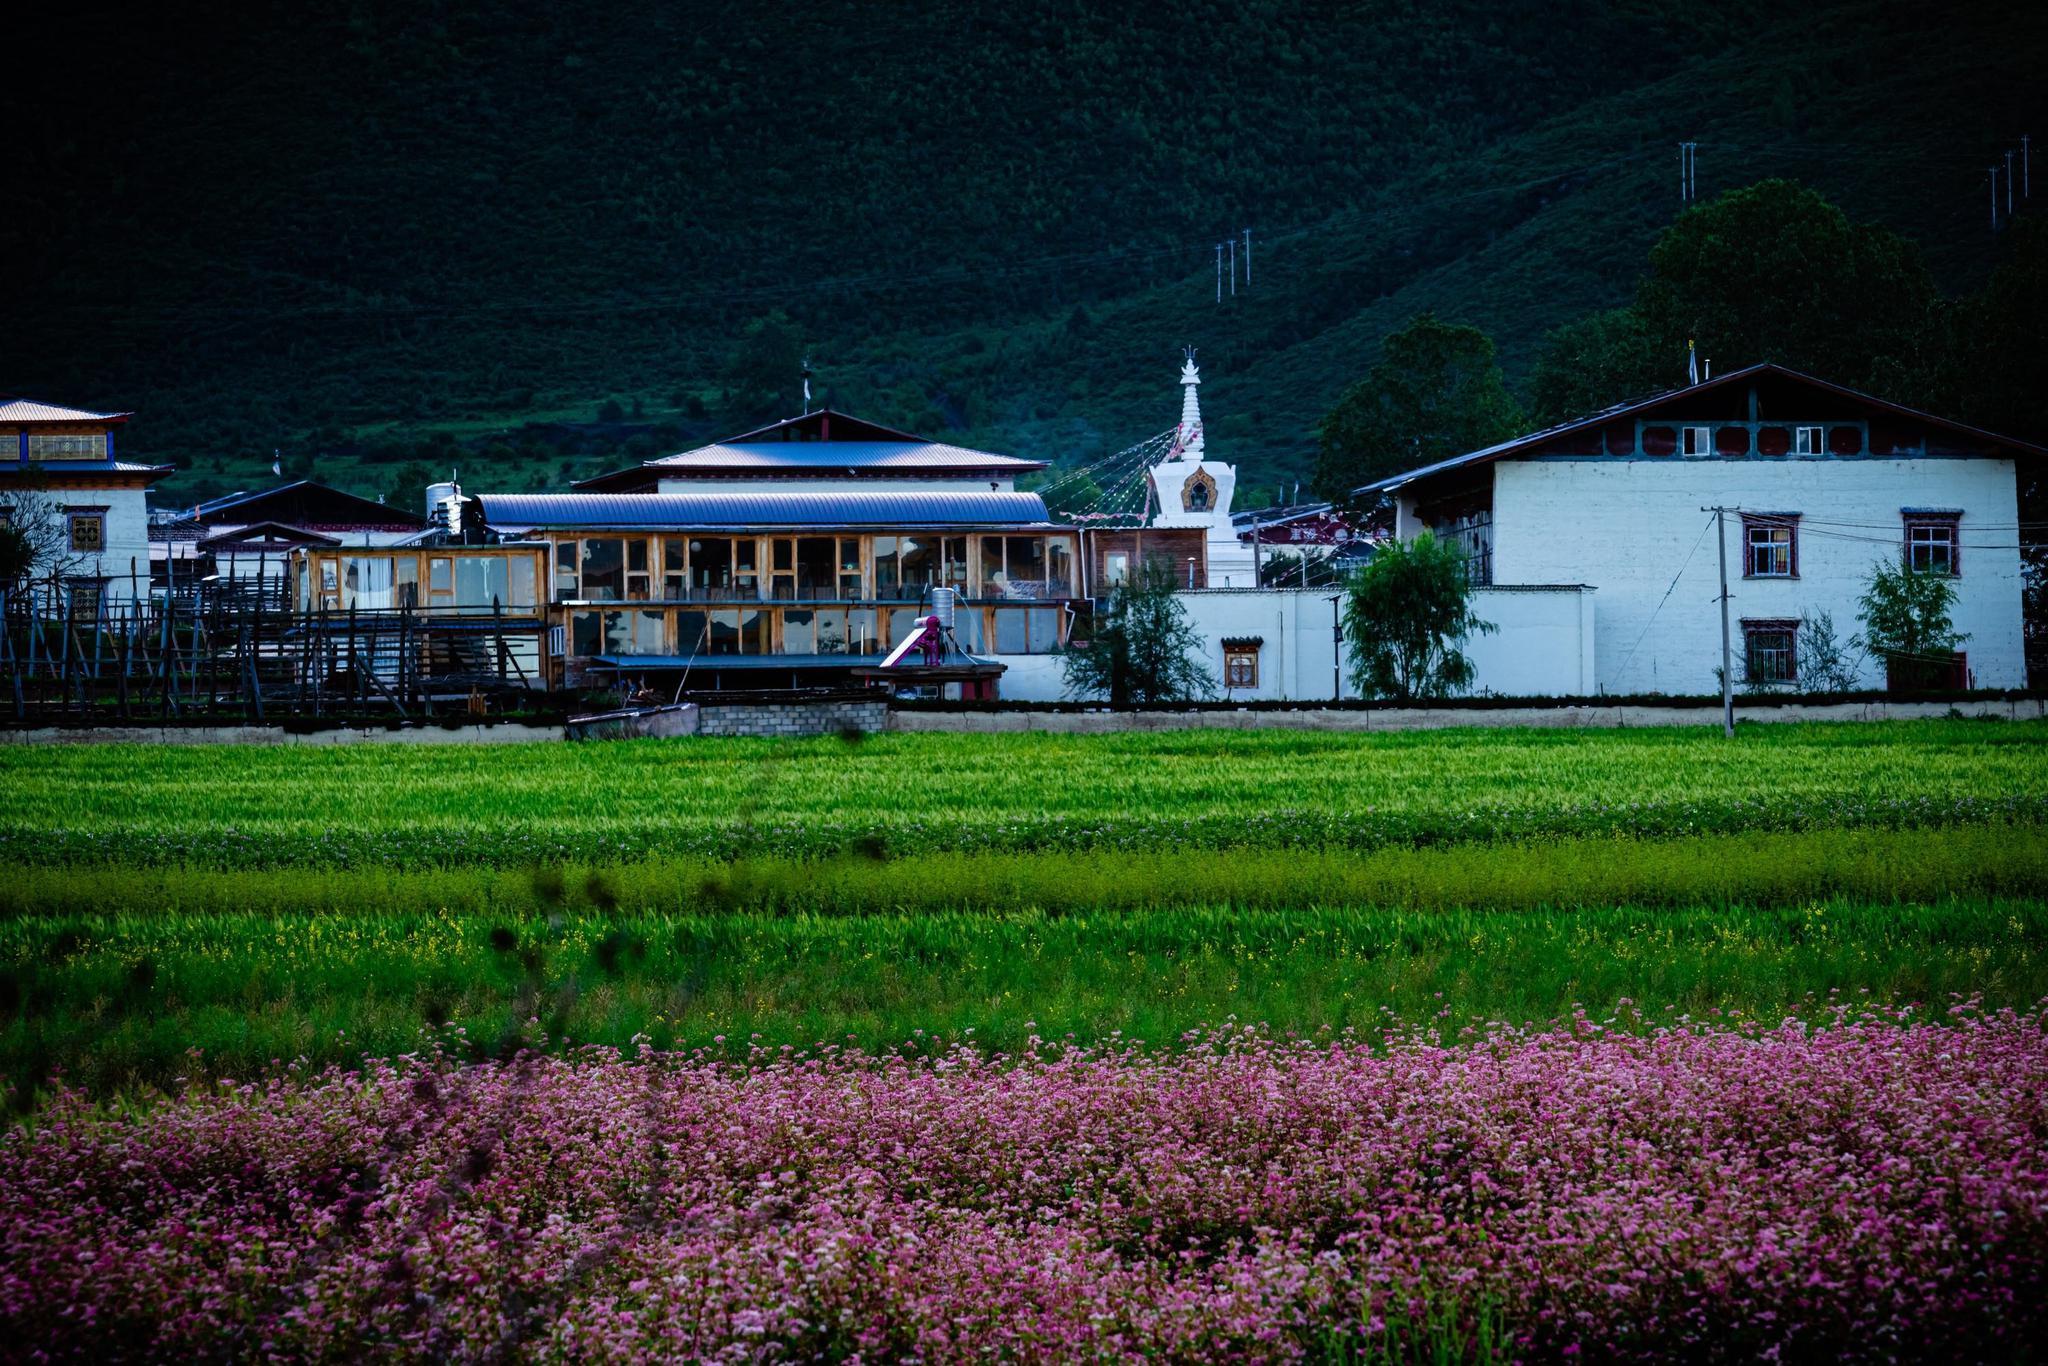 纳帕海,夏秋时节,湖面广大,水草丰美,牛羊成群,水天一色